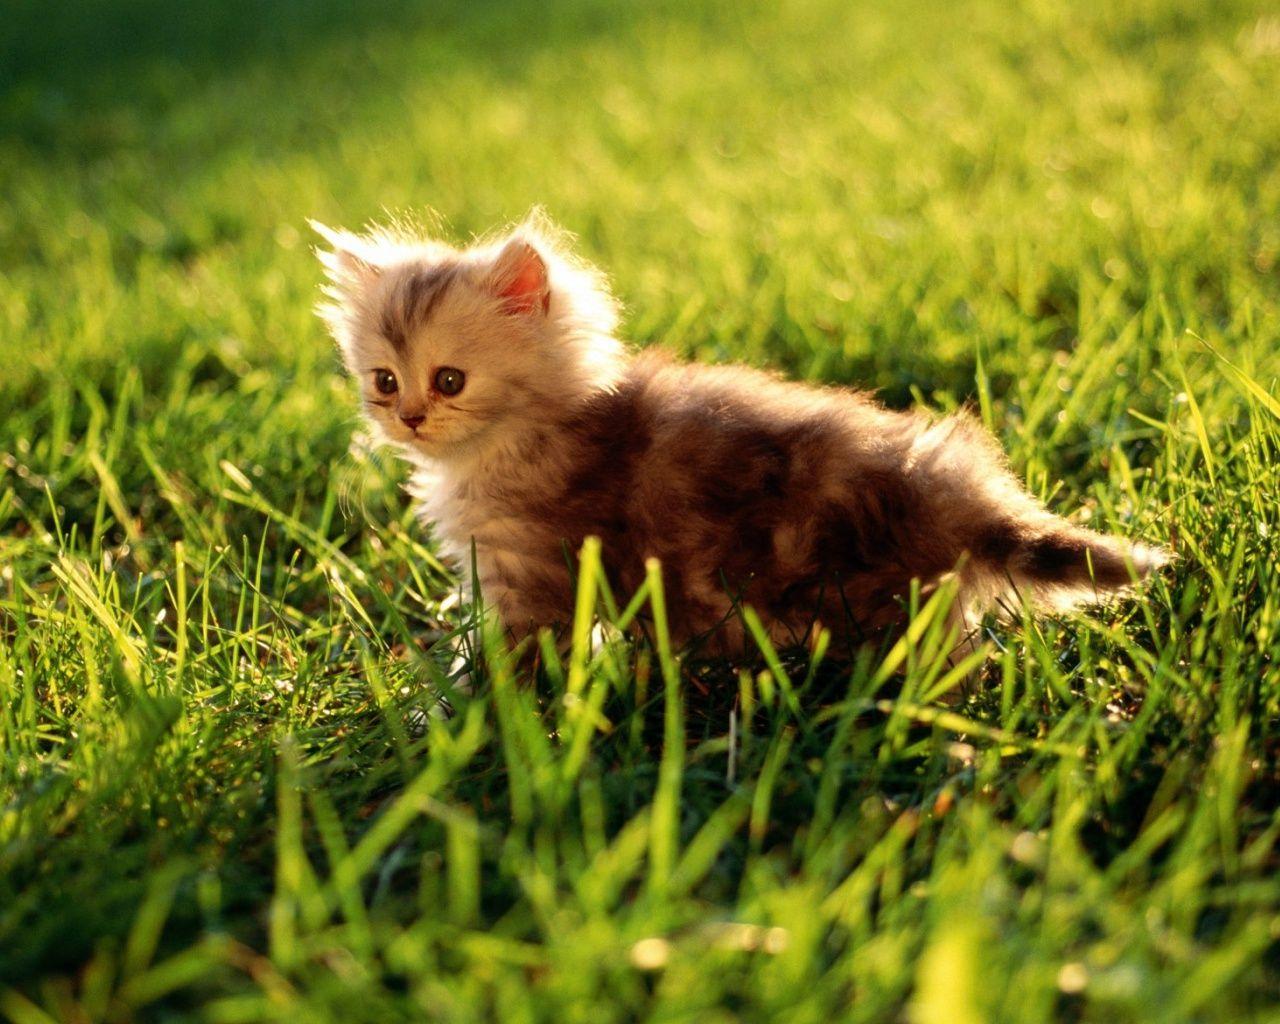 kittens in grass - google search | awwwwww <3 | pinterest